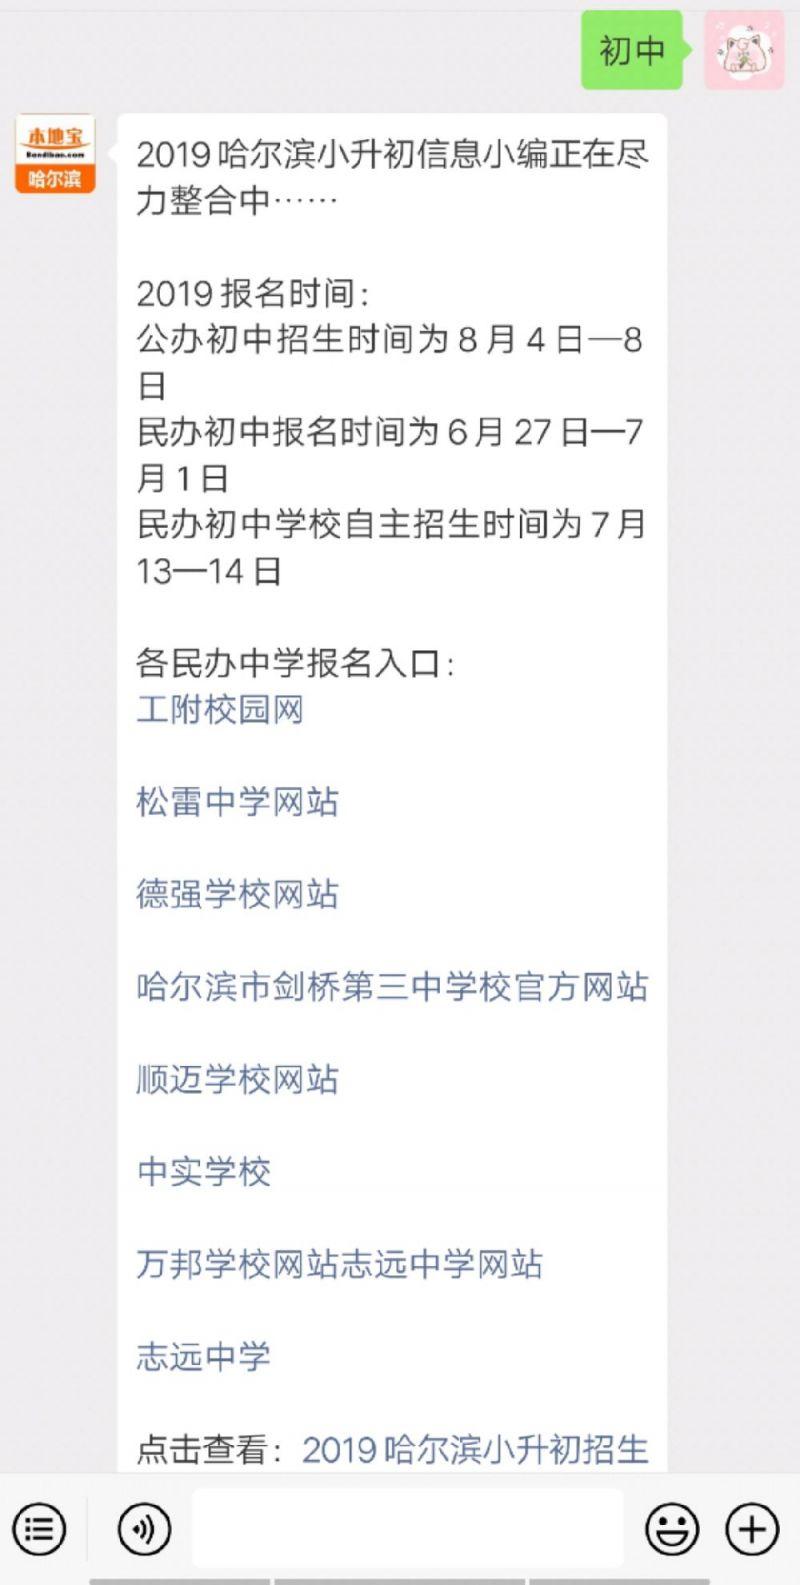 2019哈爾濱民辦初中電腦派位名單